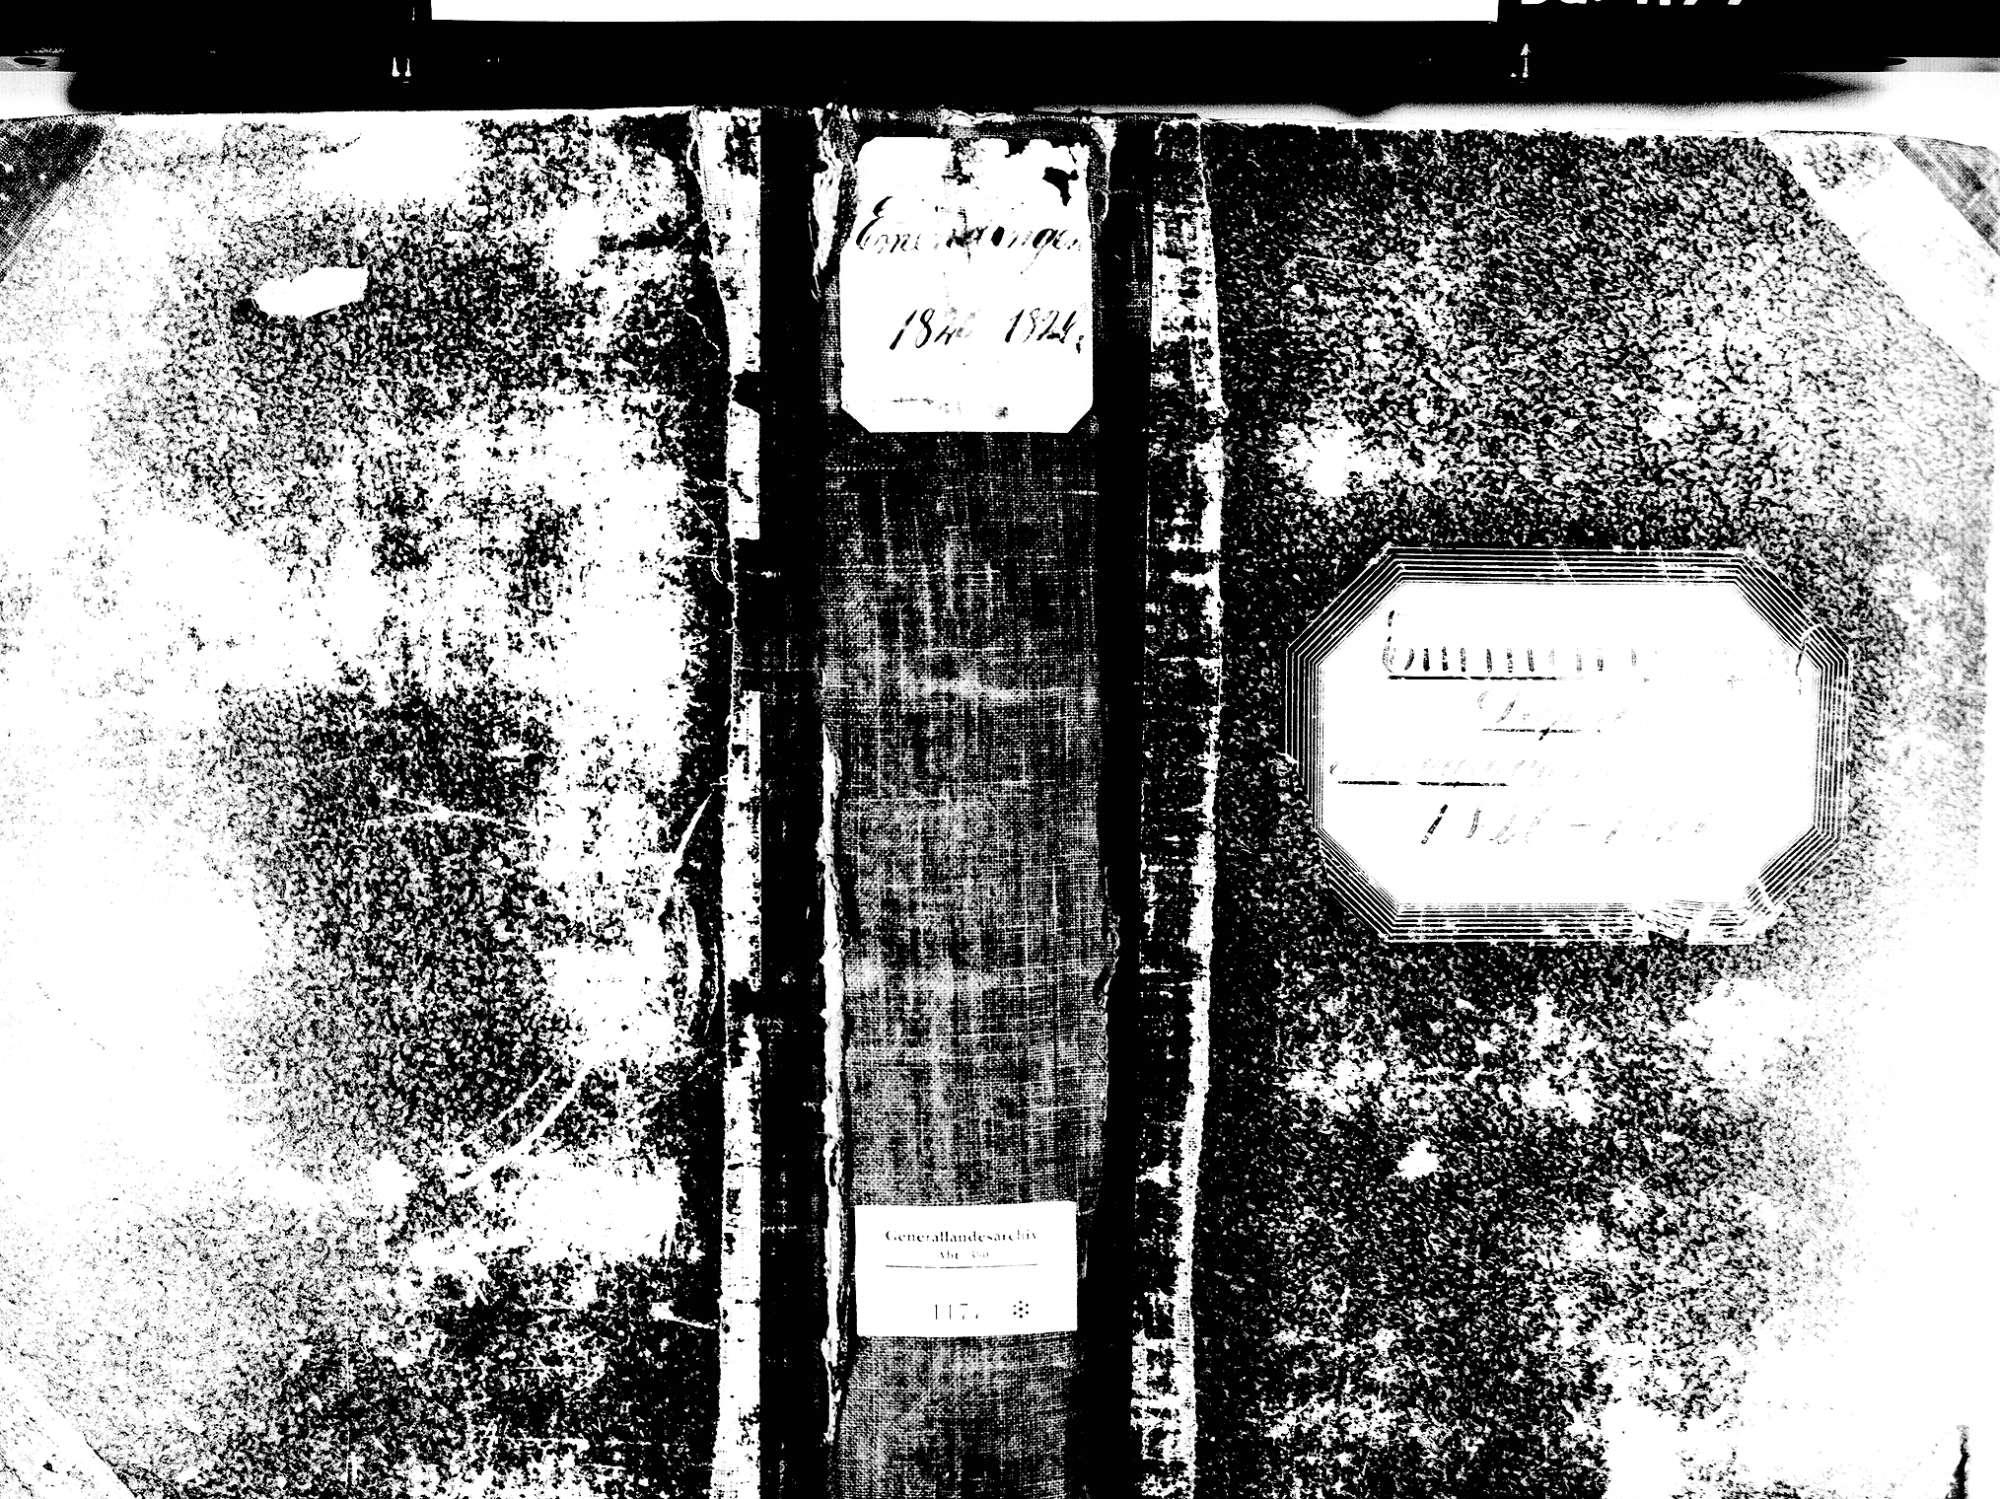 Emmendingen EM; Evangelische Gemeinde: Standesbuch 1820-1826 Emmendingen EM; Katholische Gemeinde: Standesbuch 1820-1826 Emmendingen EM; Israelitische Gemeinde: Standesbuch 1820-1826, Bild 1